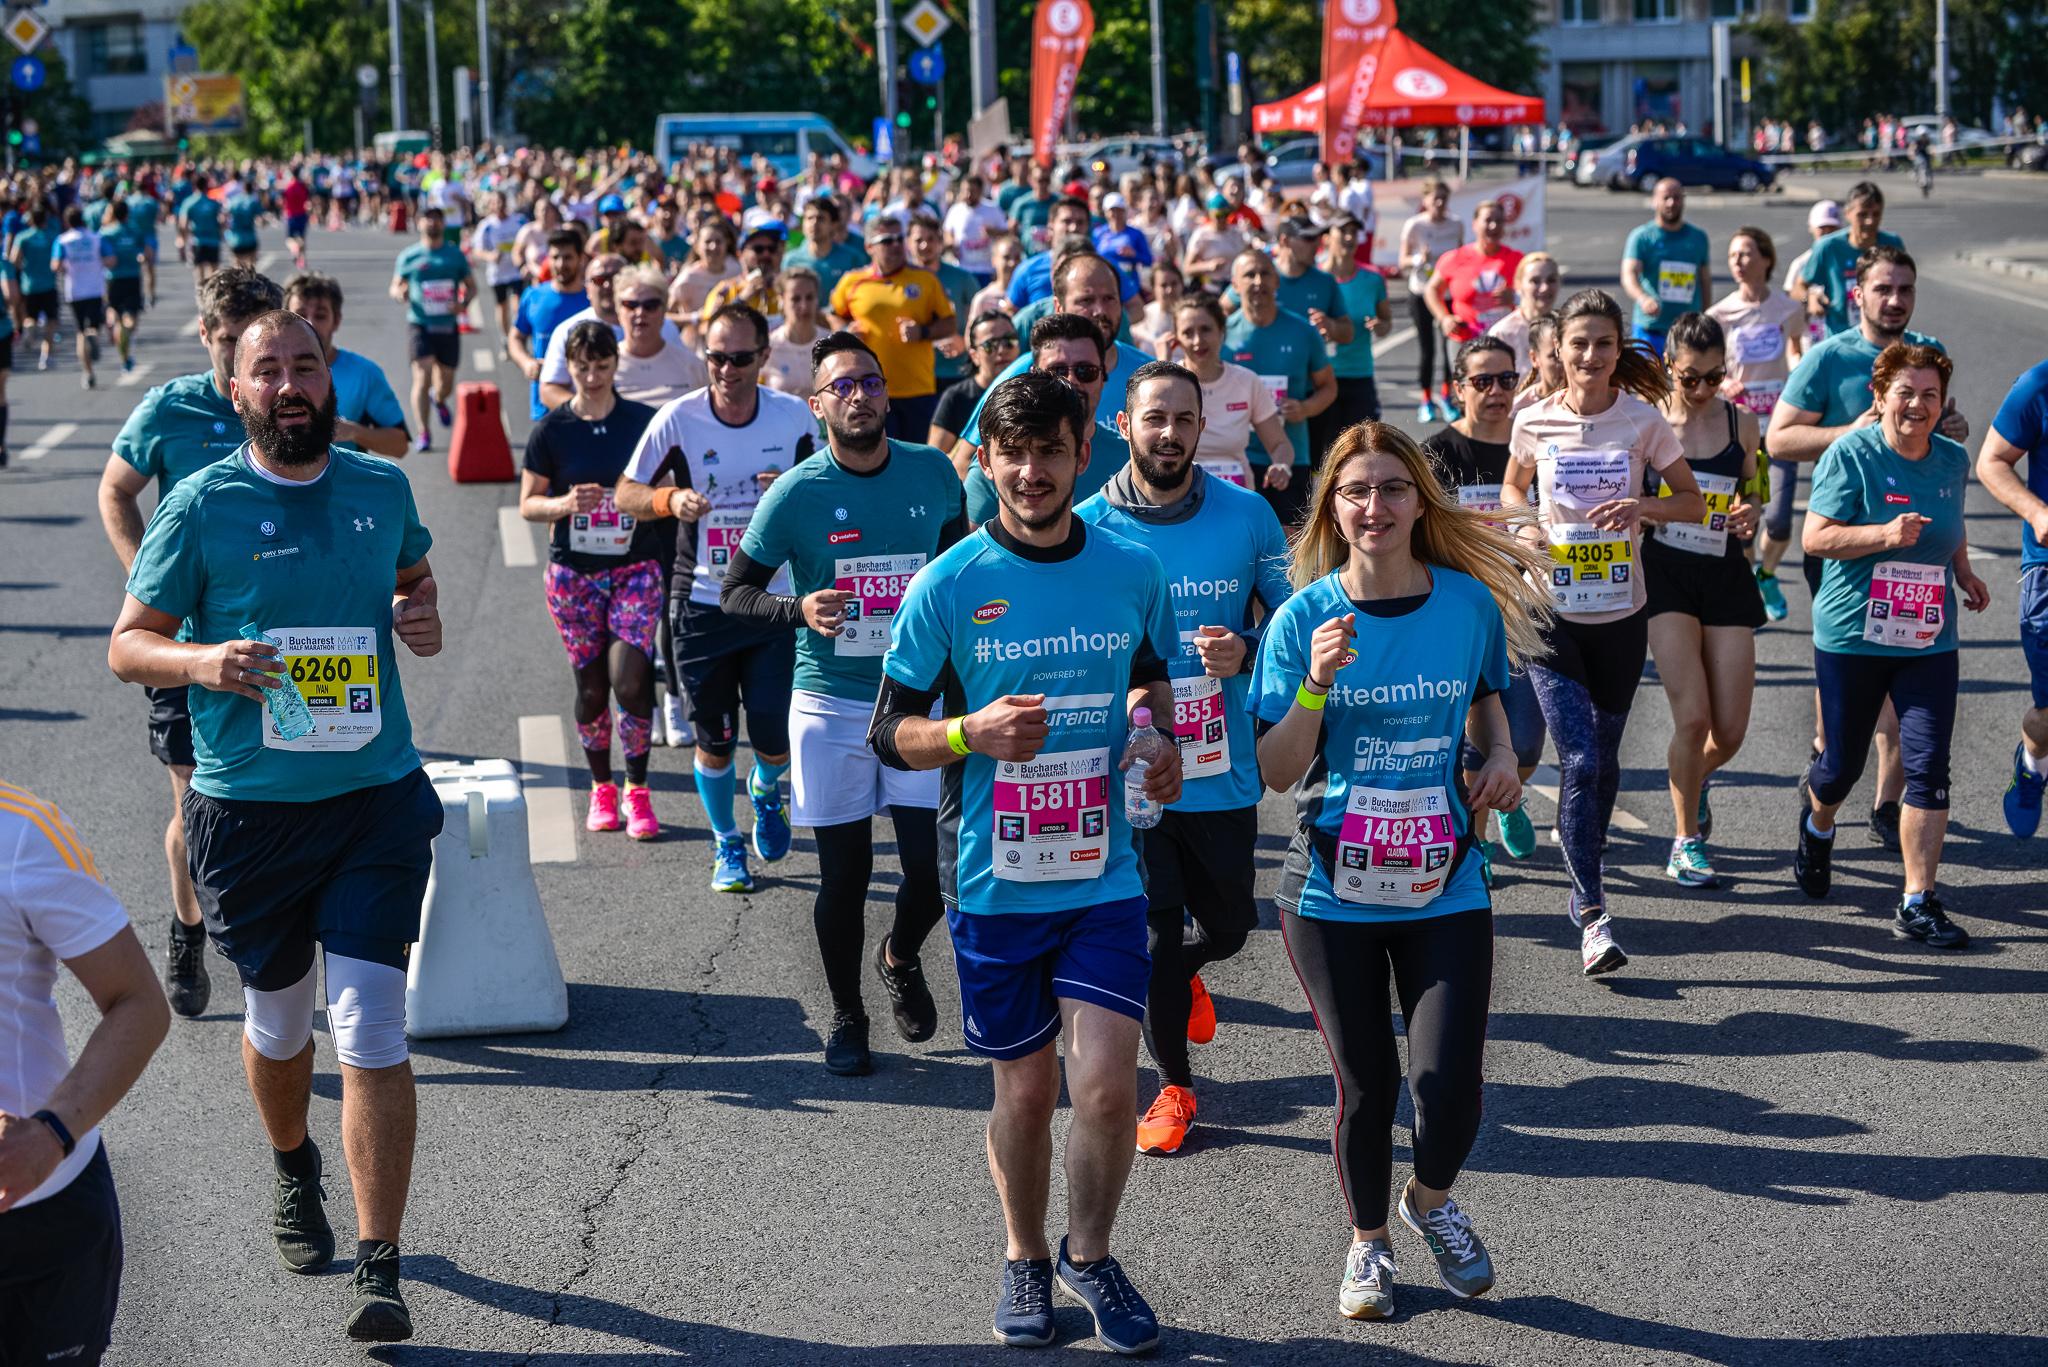 Alergatori Team Hope_Semimaratonul Bucurest_Foto Radu Fugărescu.jpg